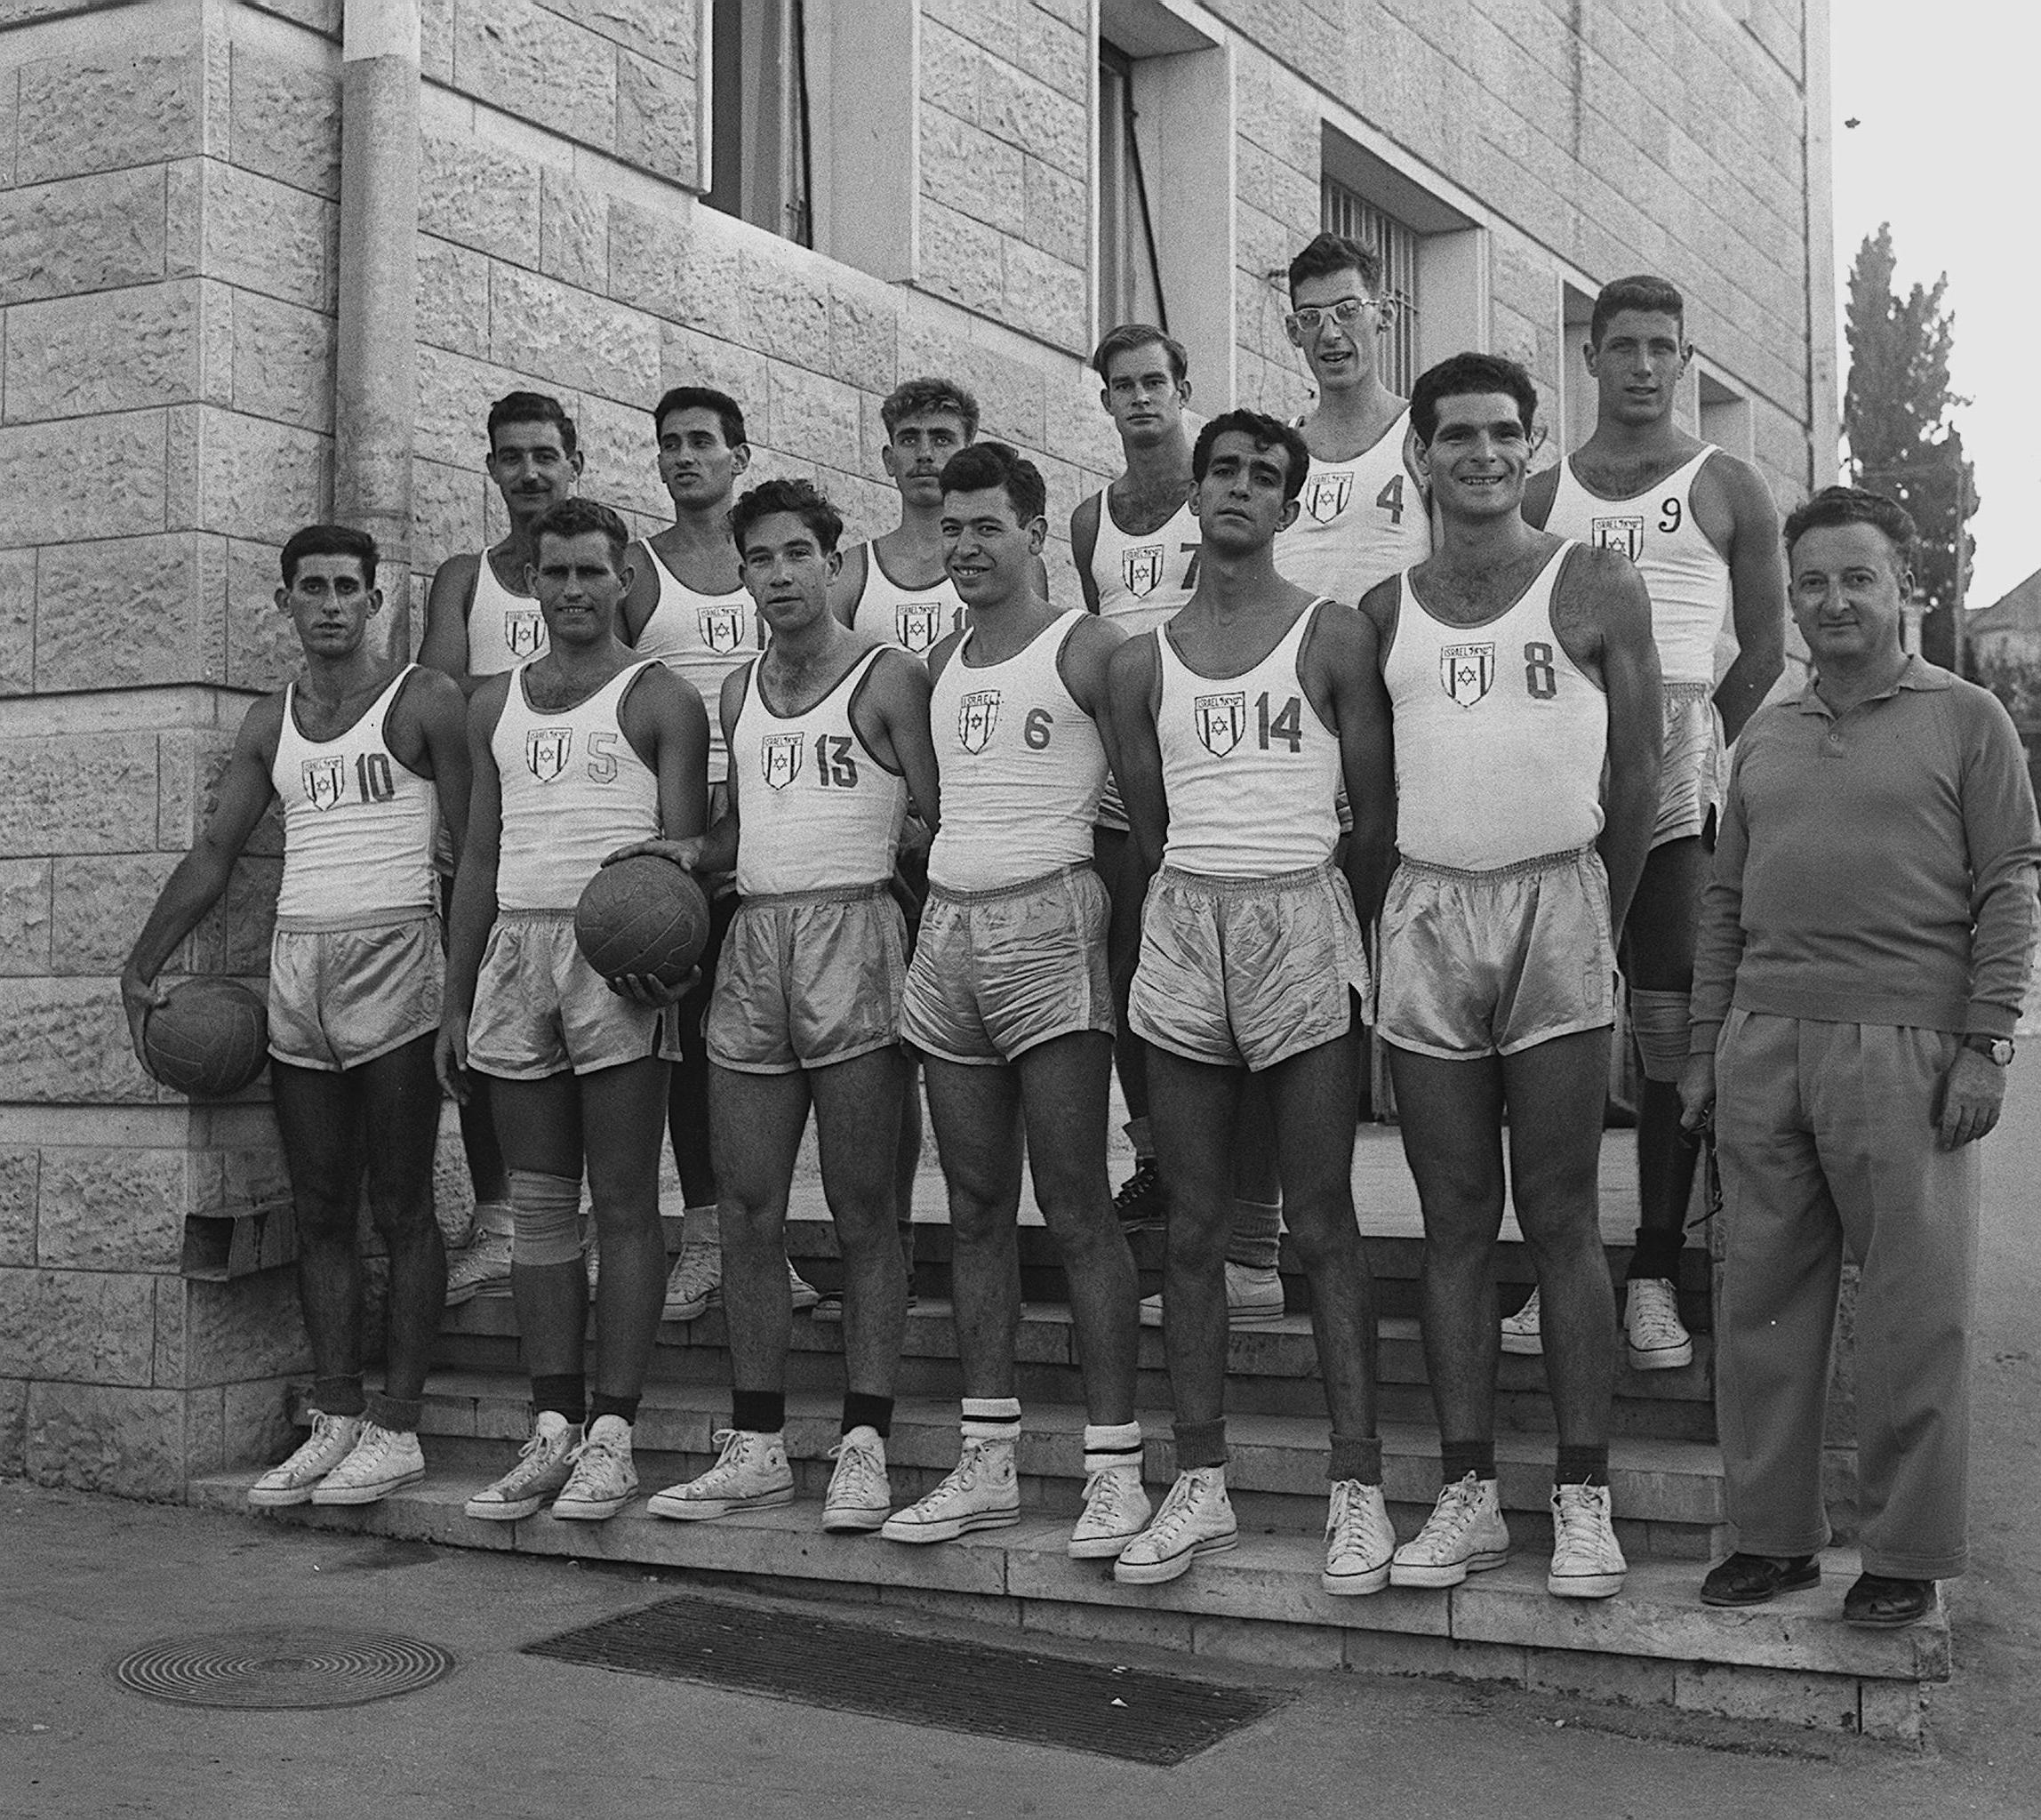 ההיסטוריה של נבחרת ישראל באליפות אירופה (ועוד כמה הפתעות…) / אהרון שדה